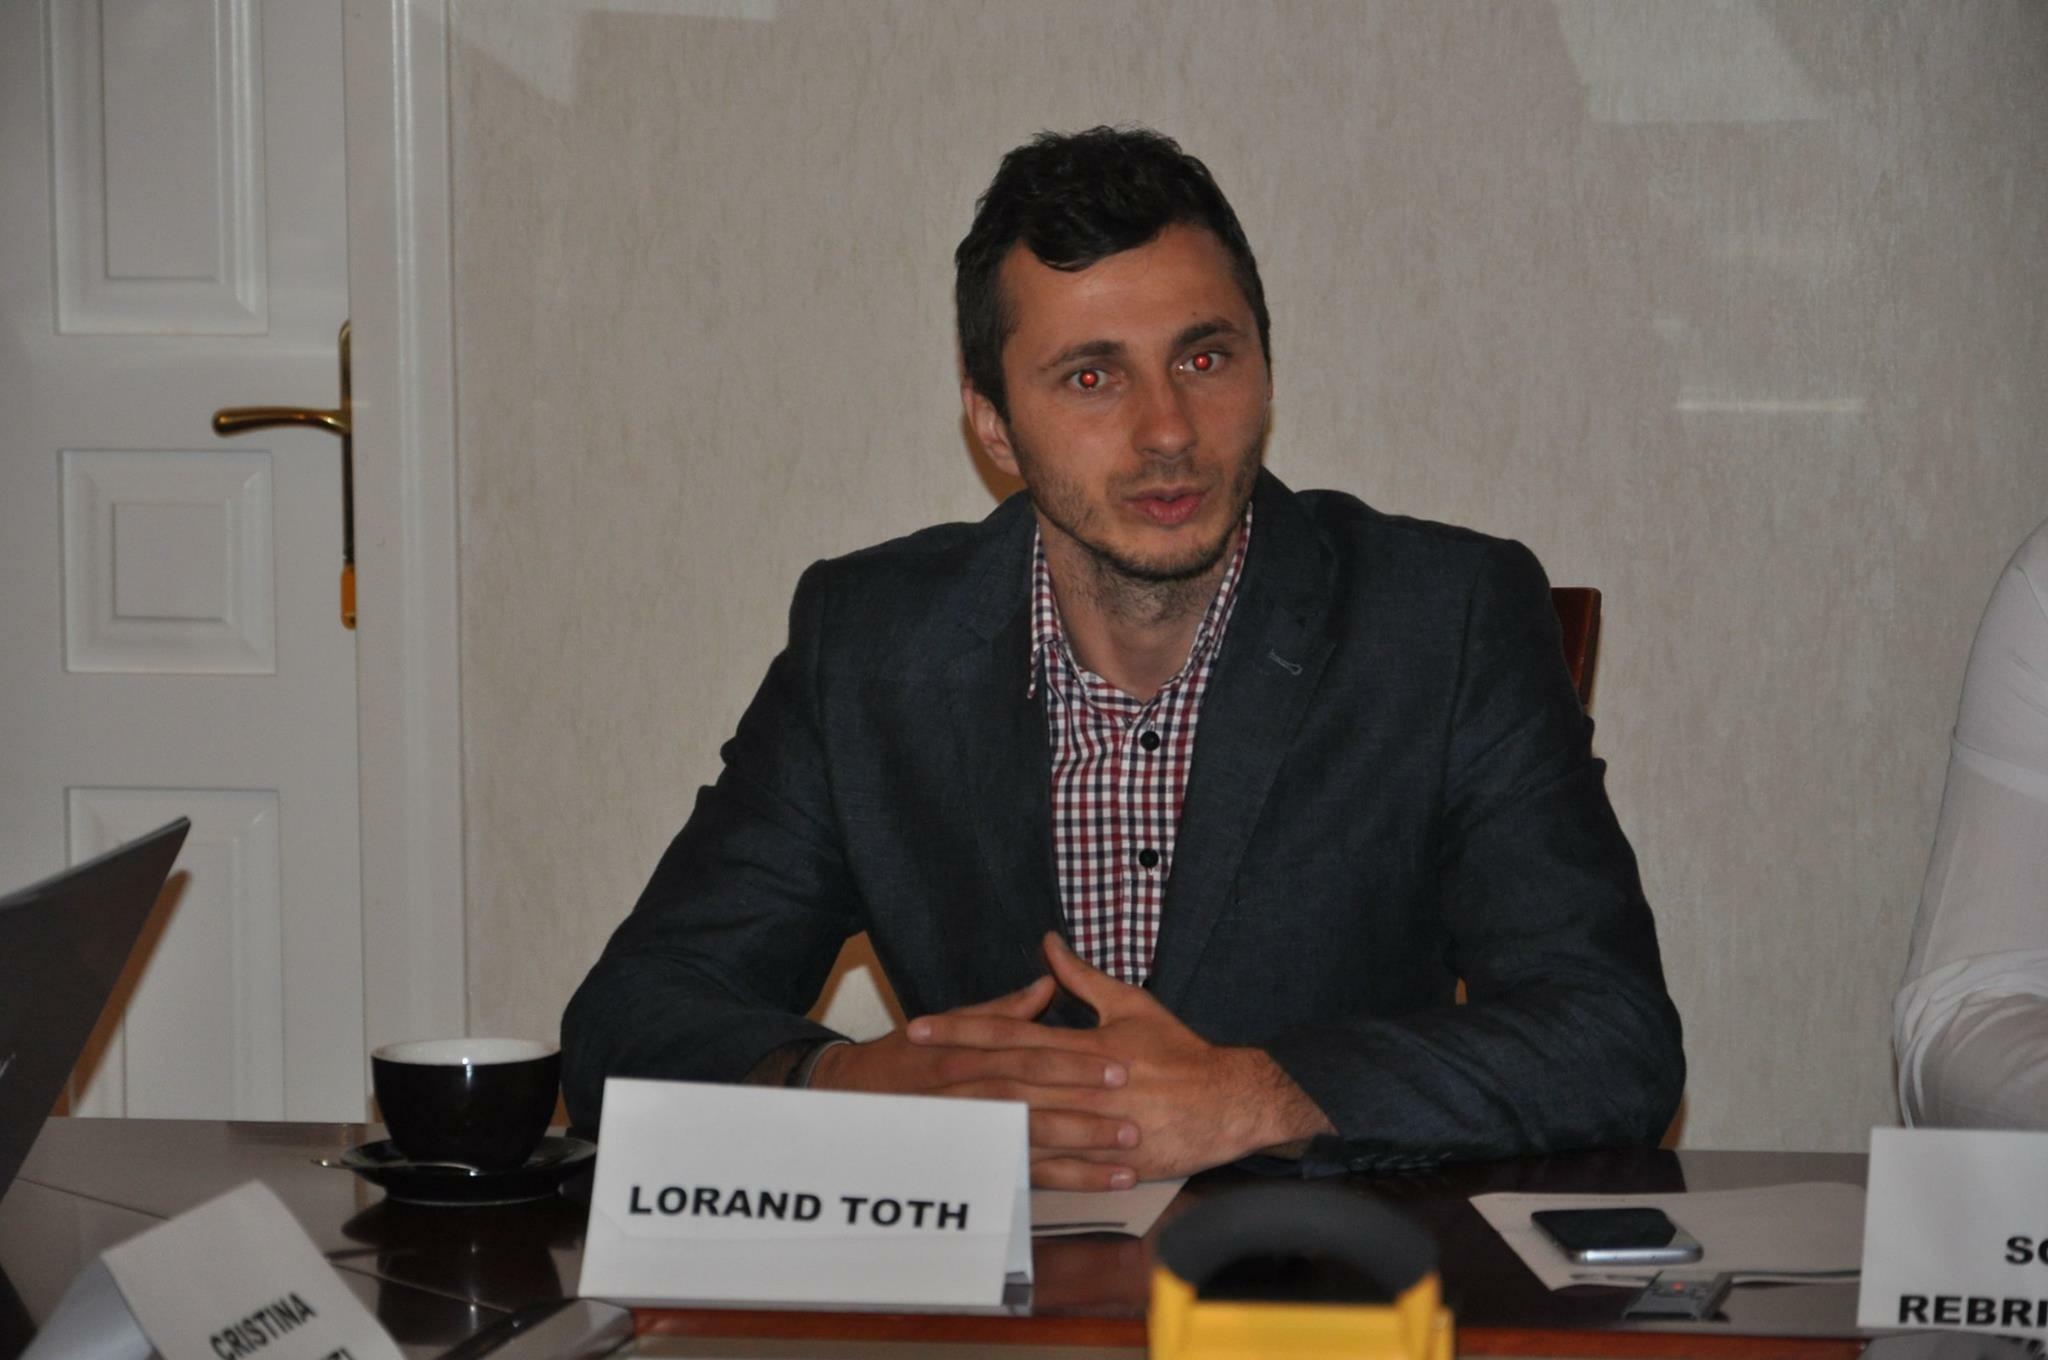 Beclenarul Lorand Toth va candida pentru funcția de senator din partea USR Bistrița-Năsăud